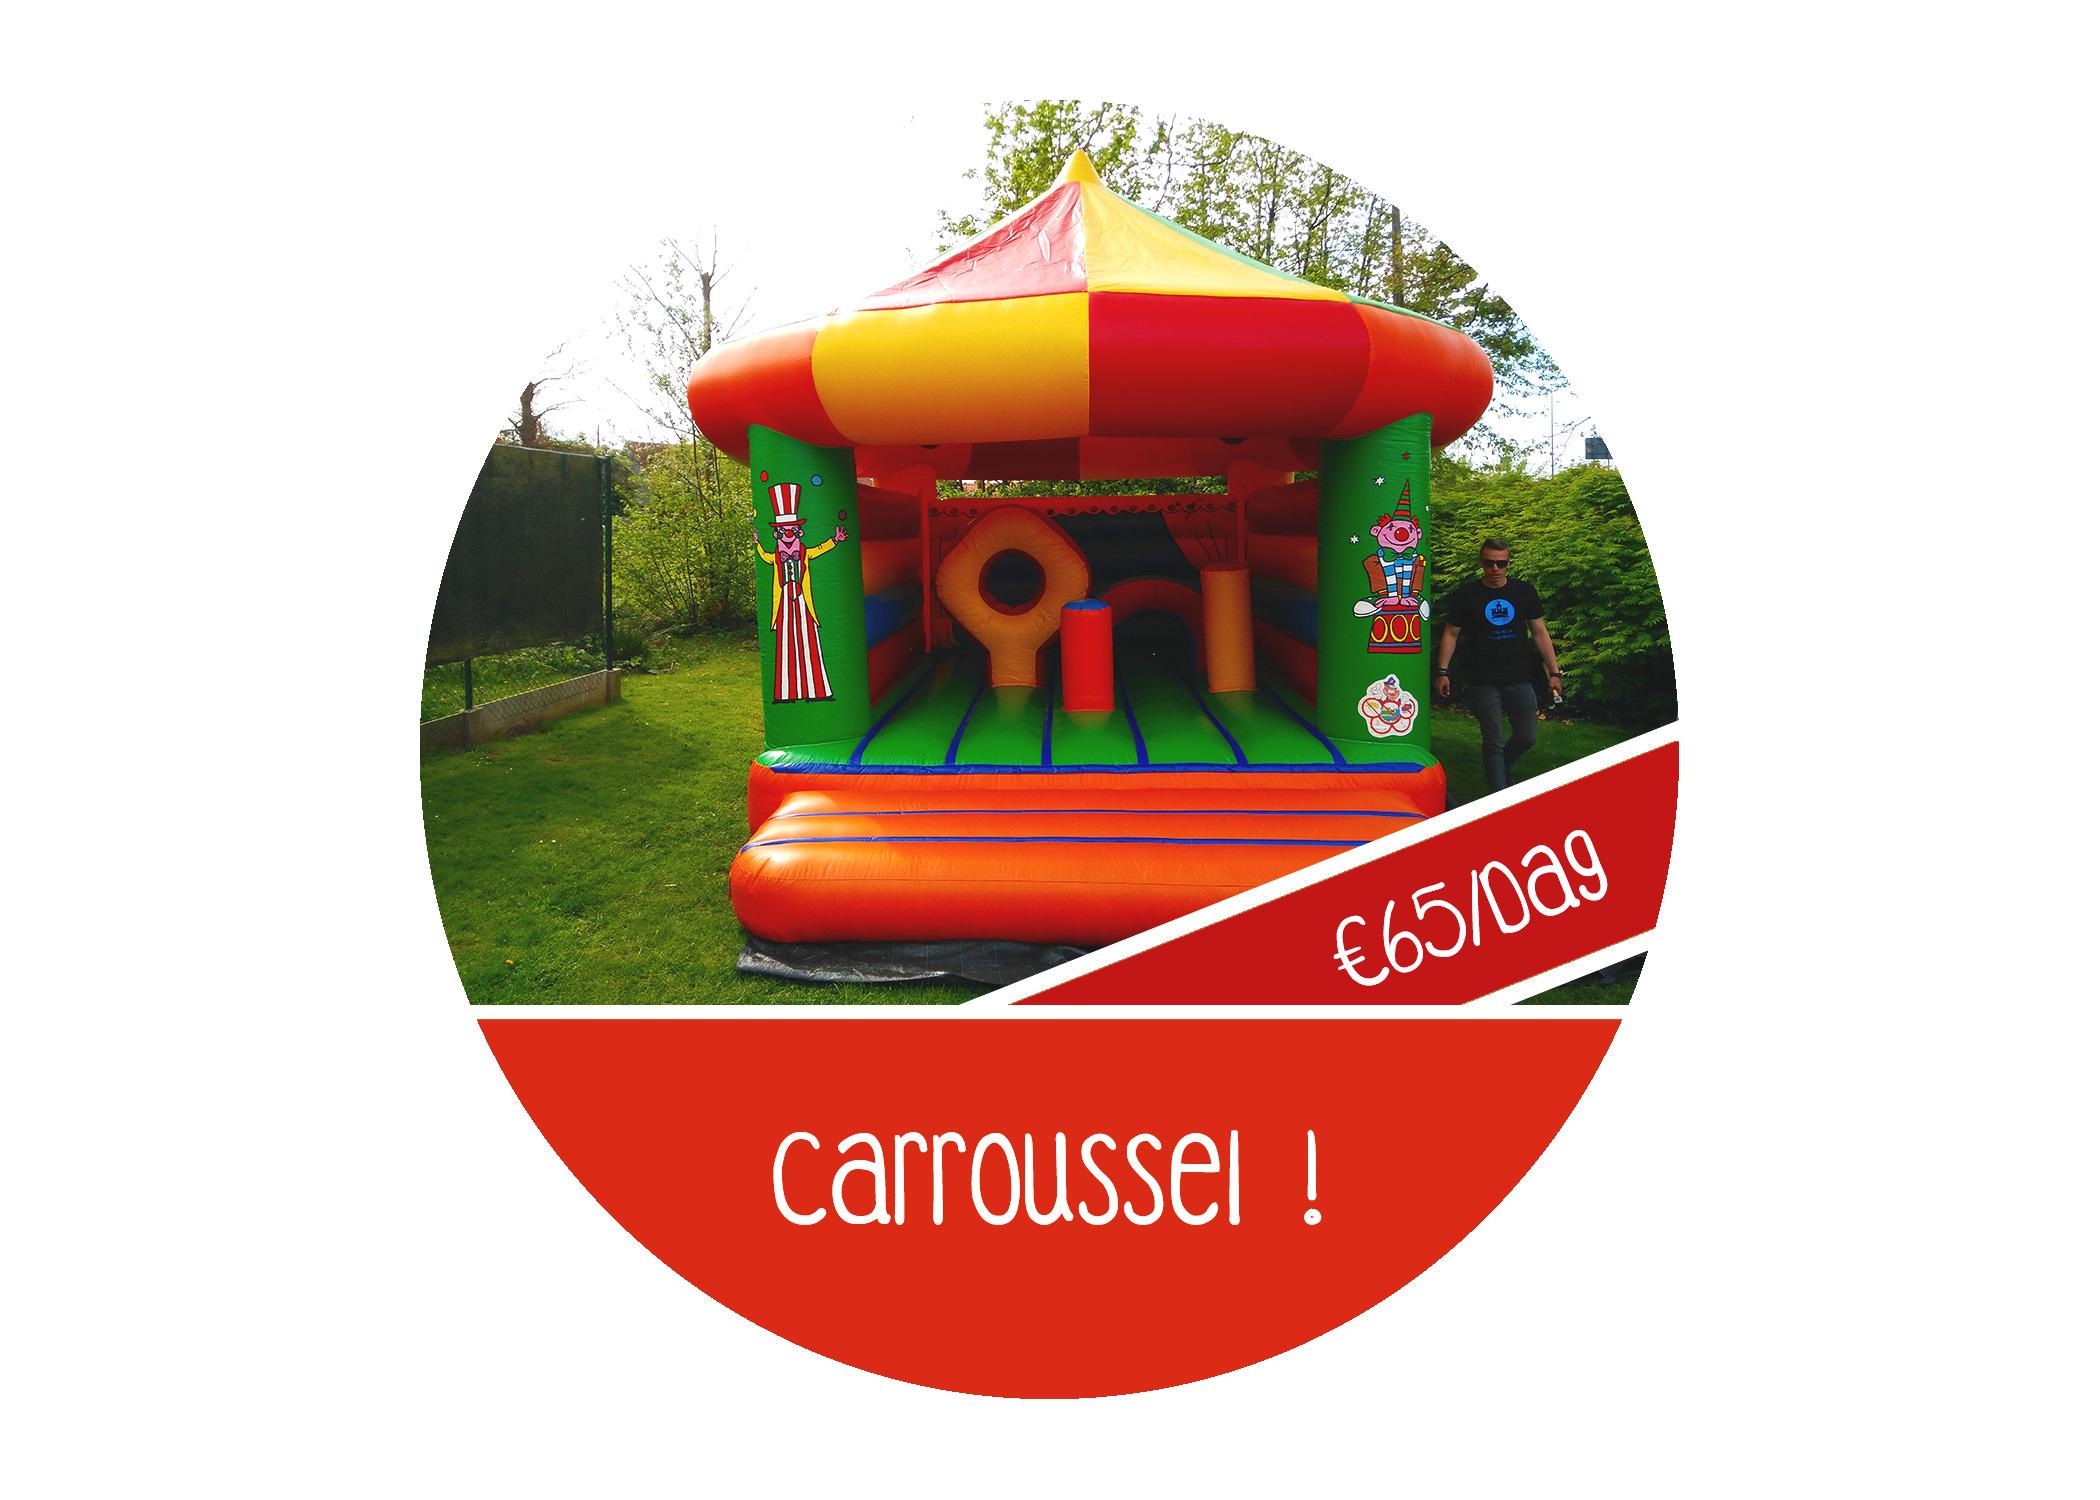 Springkasteel+carroussel+huren+circus